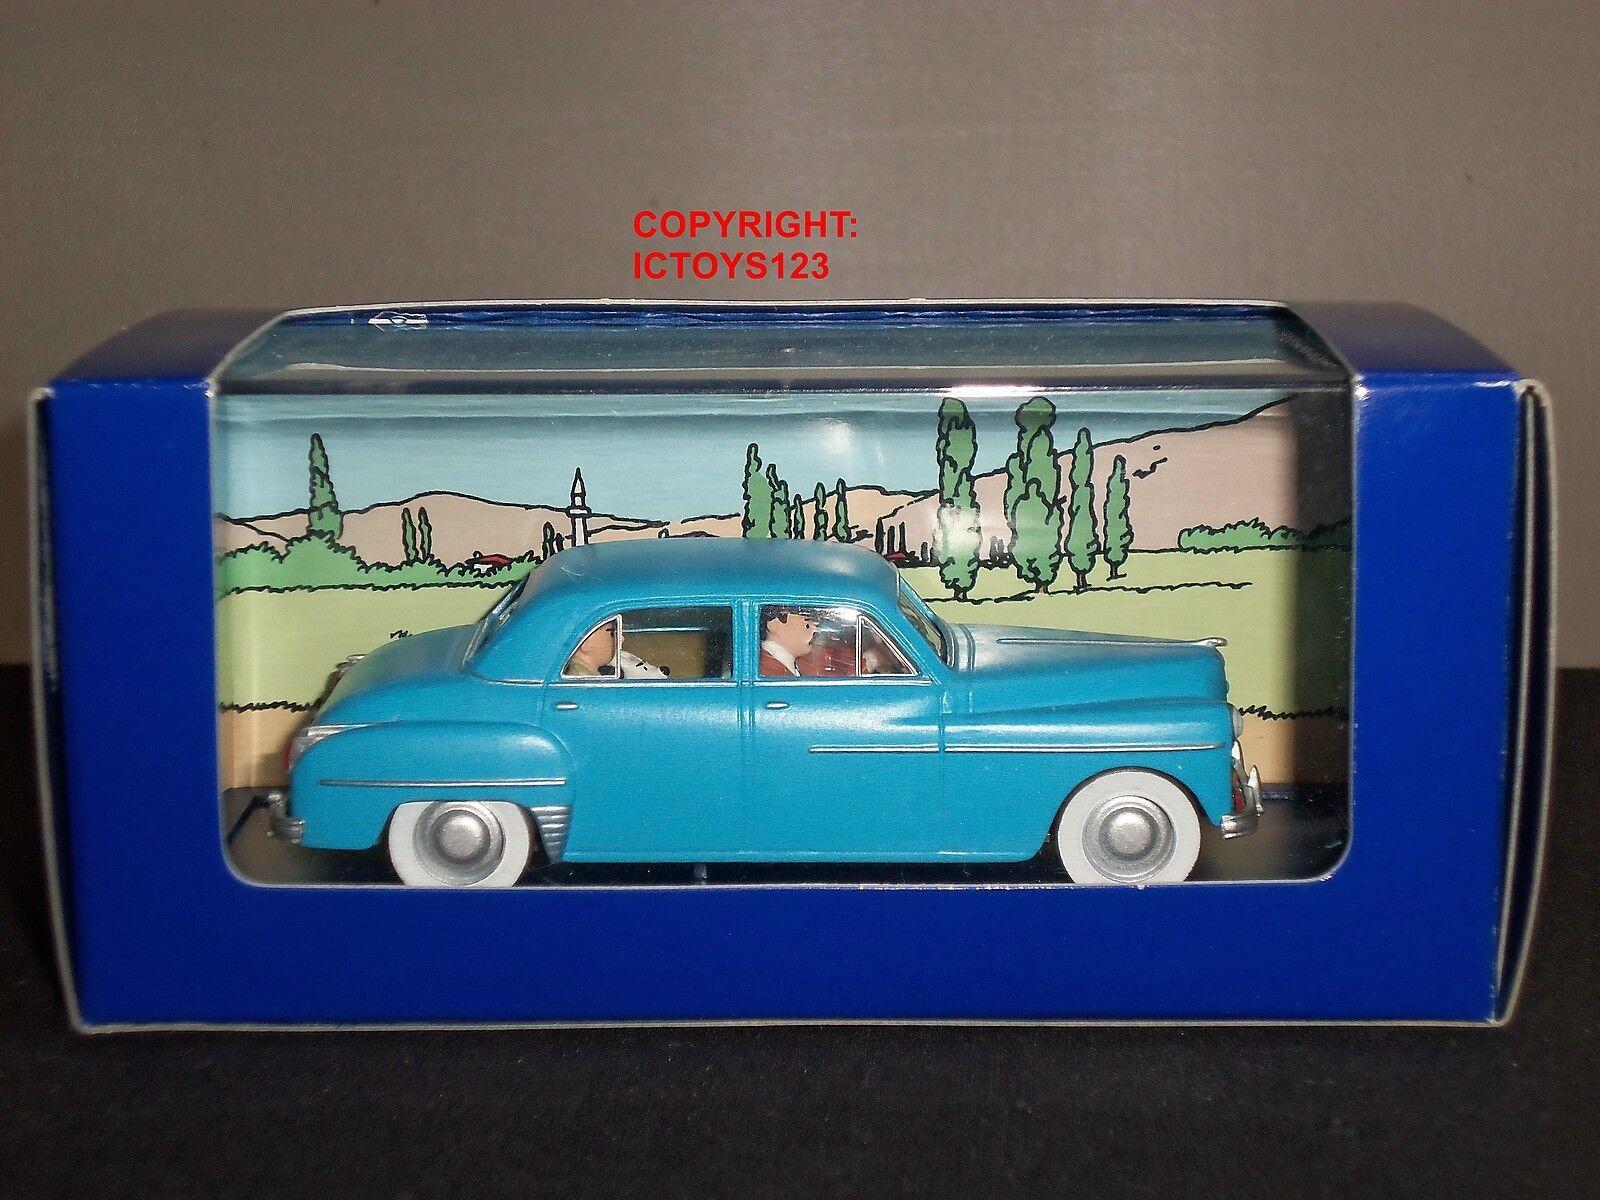 TINTIN no.30 dell'obiettivo LUNE FUMETTO Blu Dodge Coronet Modello Diecast Auto + FIGURE